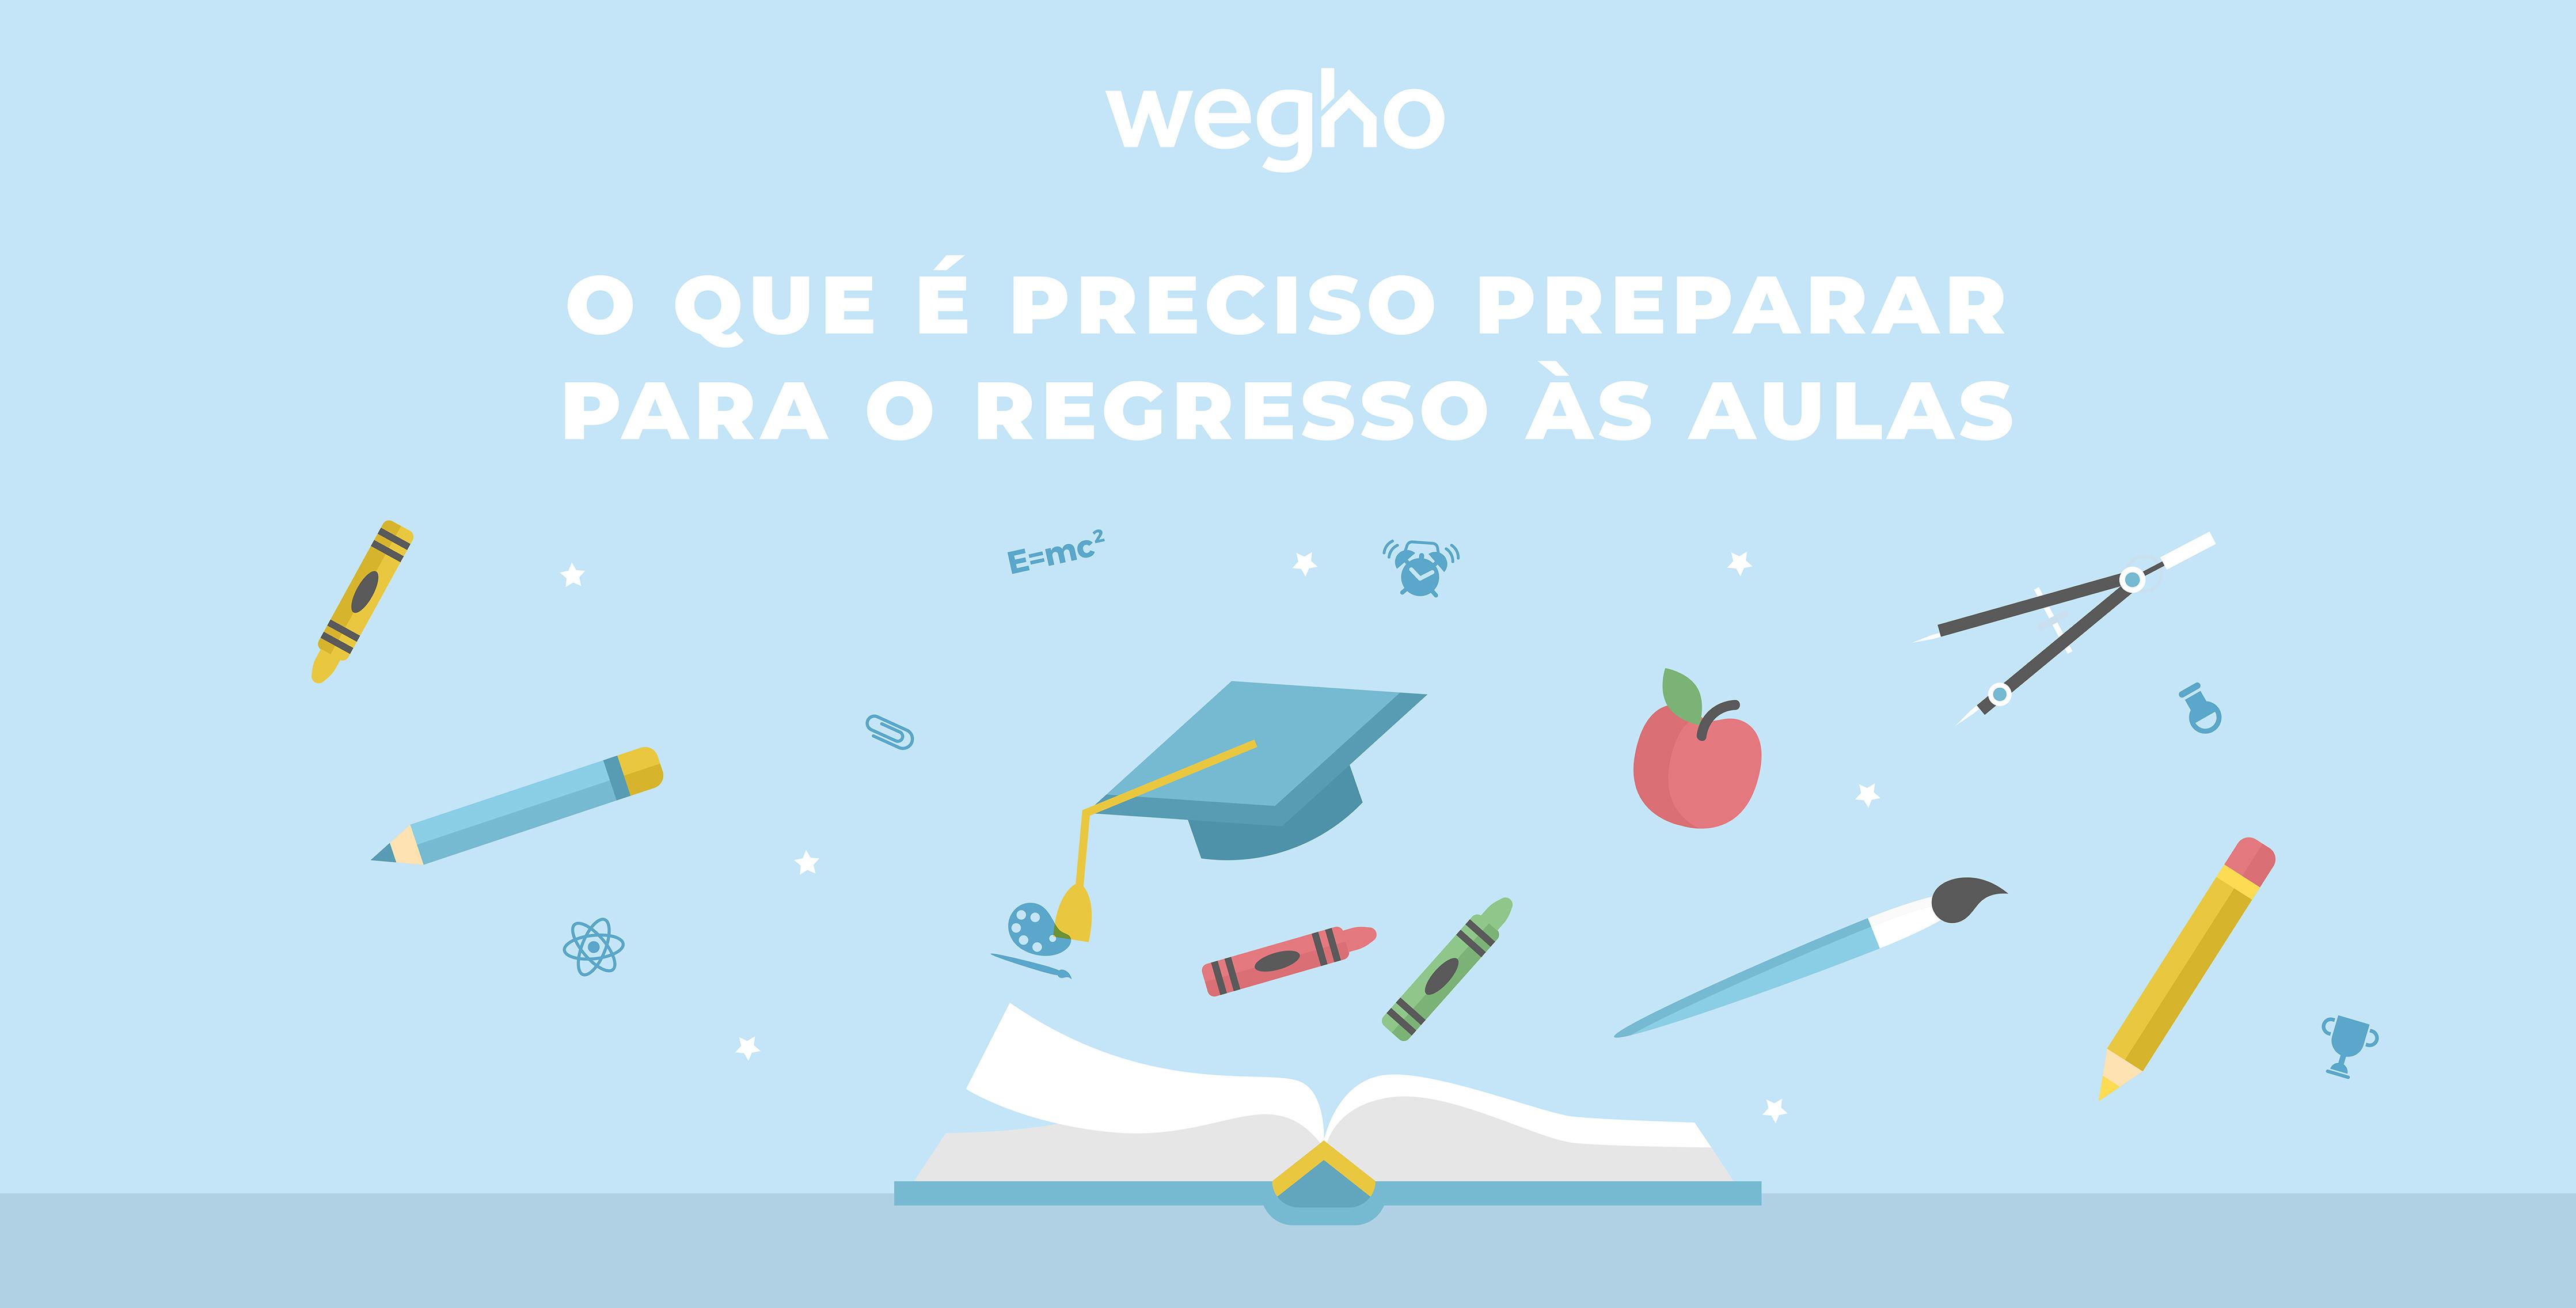 regresso às aulas - regressar à escola - novo ano letivo - Wegho